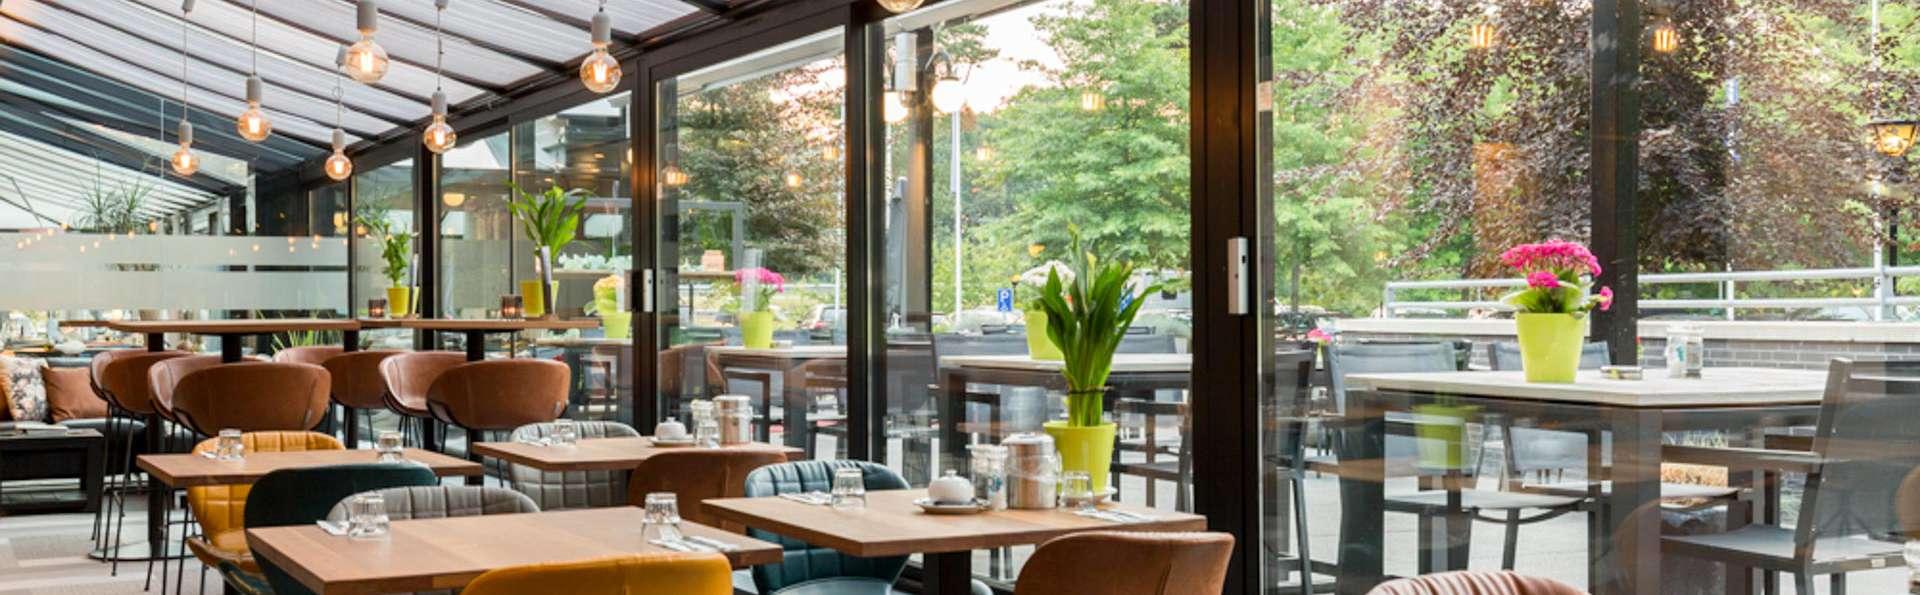 Fletcher Hotel-Restaurant Jagershorst-Eindhoven - EDIT_N2_RESTAURANT_03.jpg